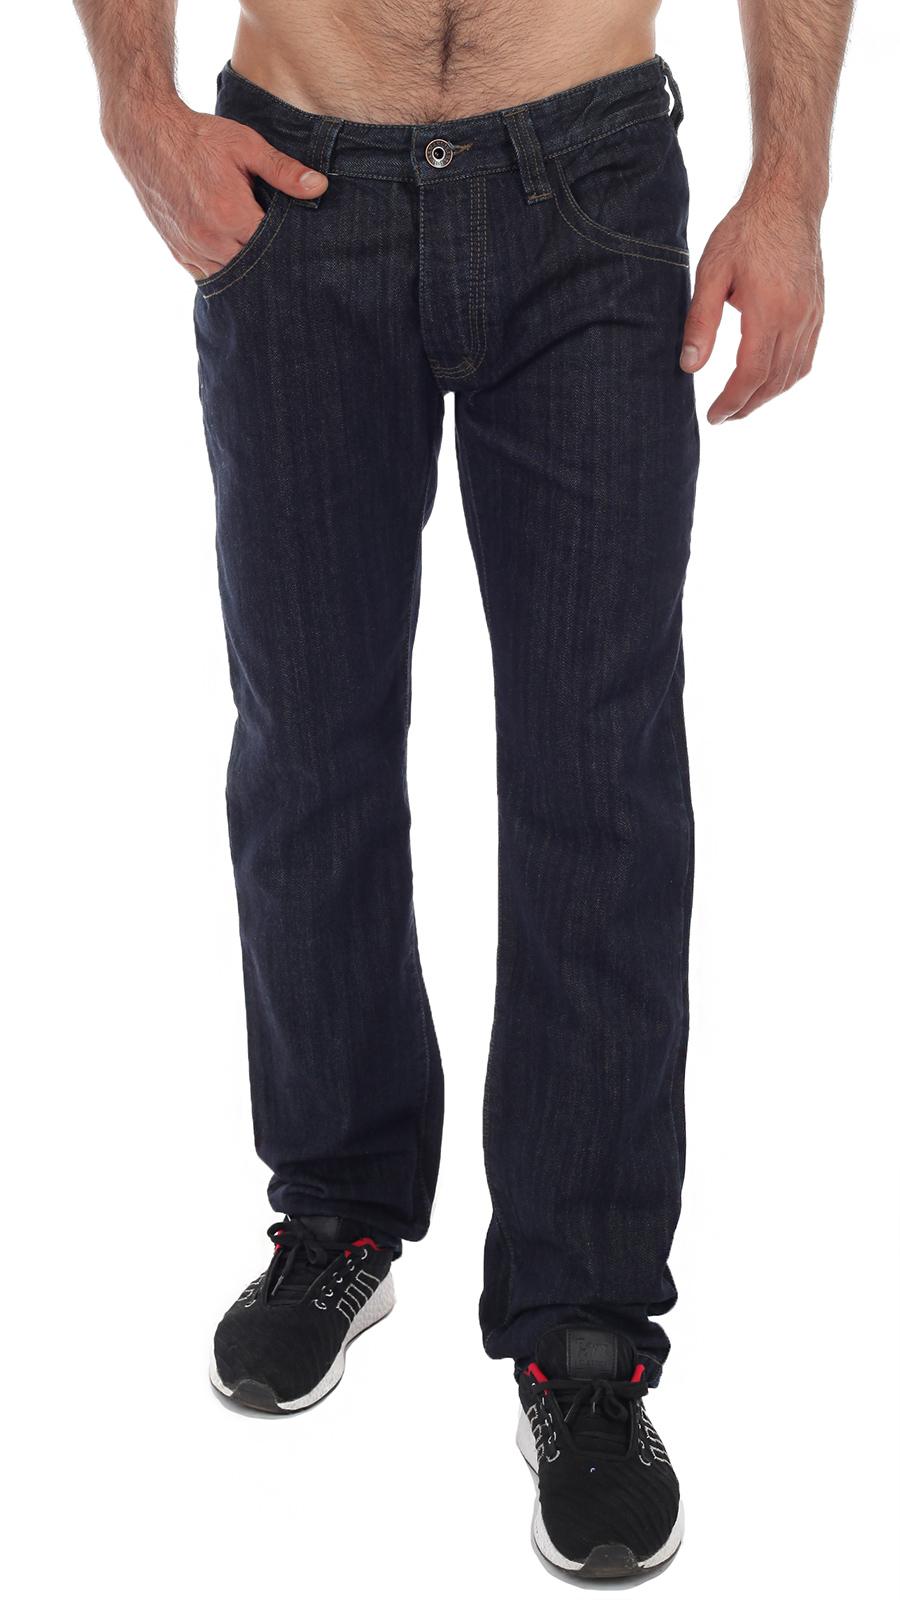 Купить мужские джинсы оптом и в розницу